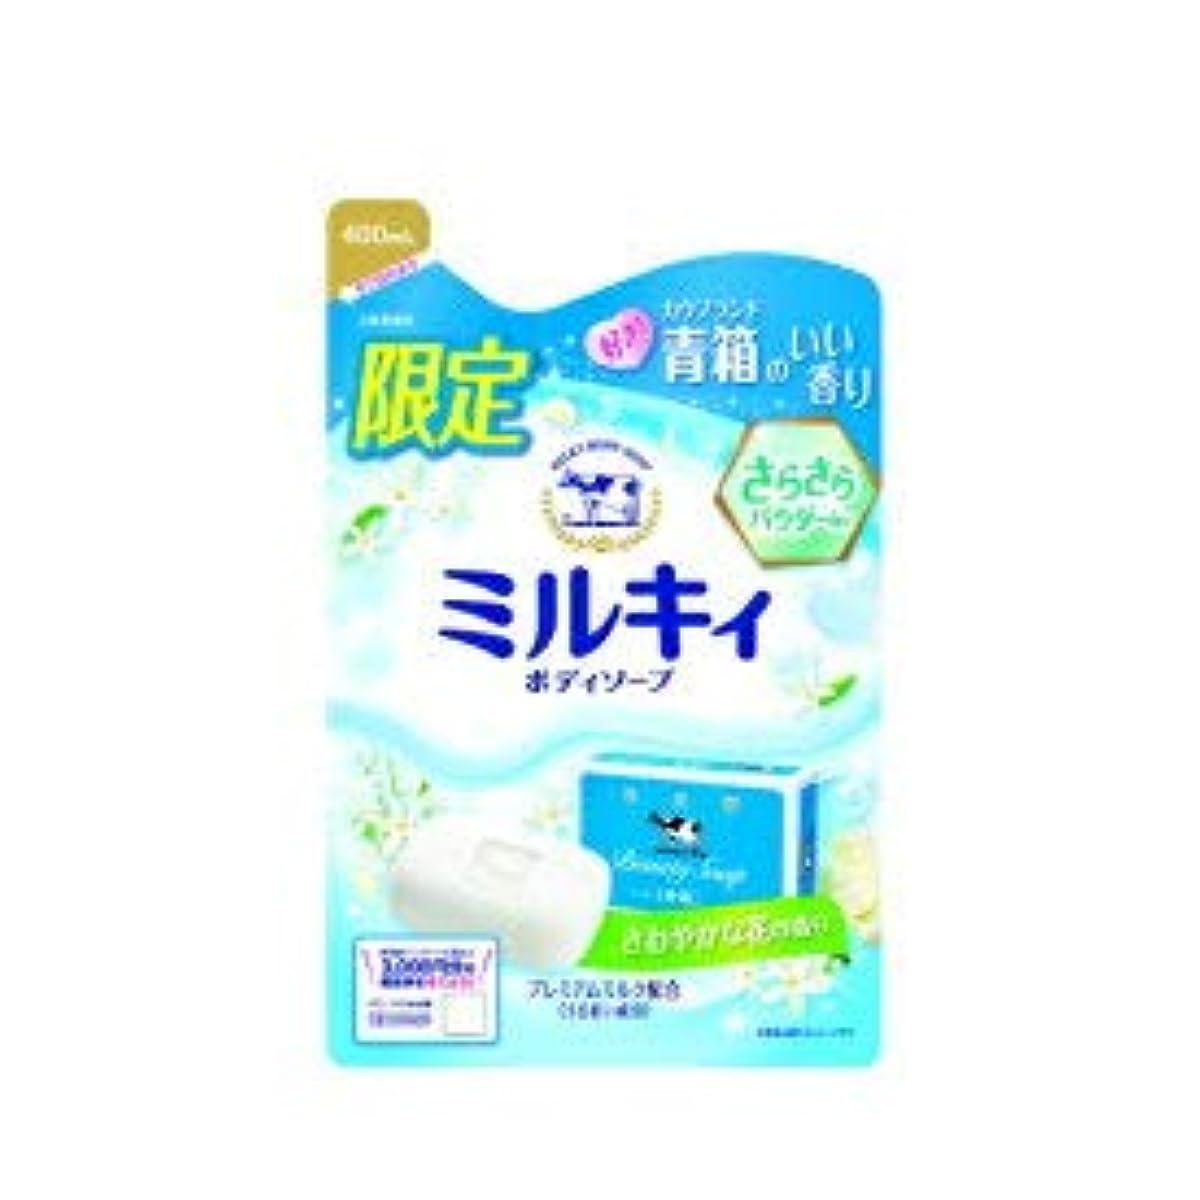 ウルル概要服を洗う【限定】ミルキィボディソープ 青箱の香り 詰替 400ml